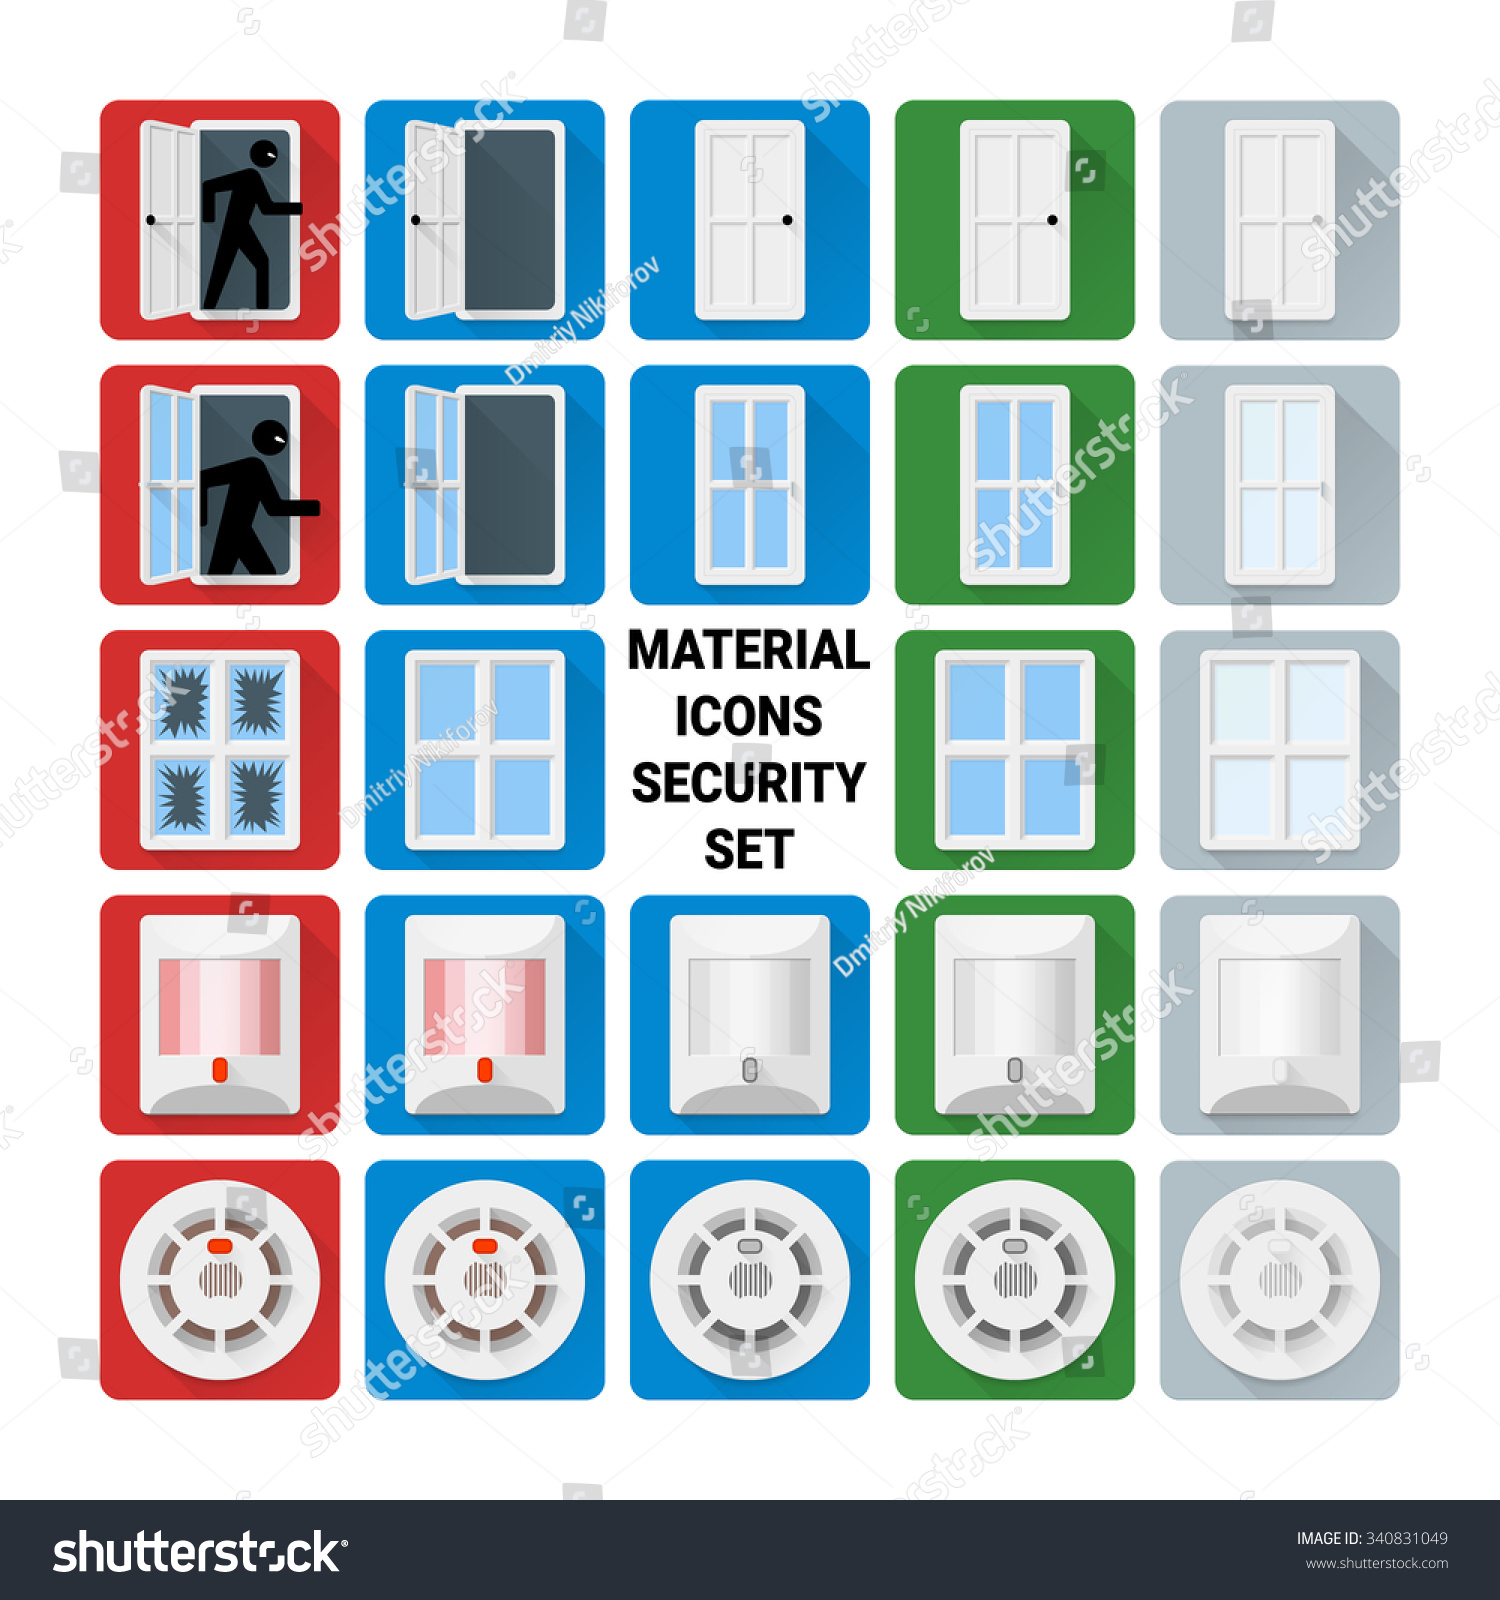 Material design security set. Door relay window glass break infrared PIR